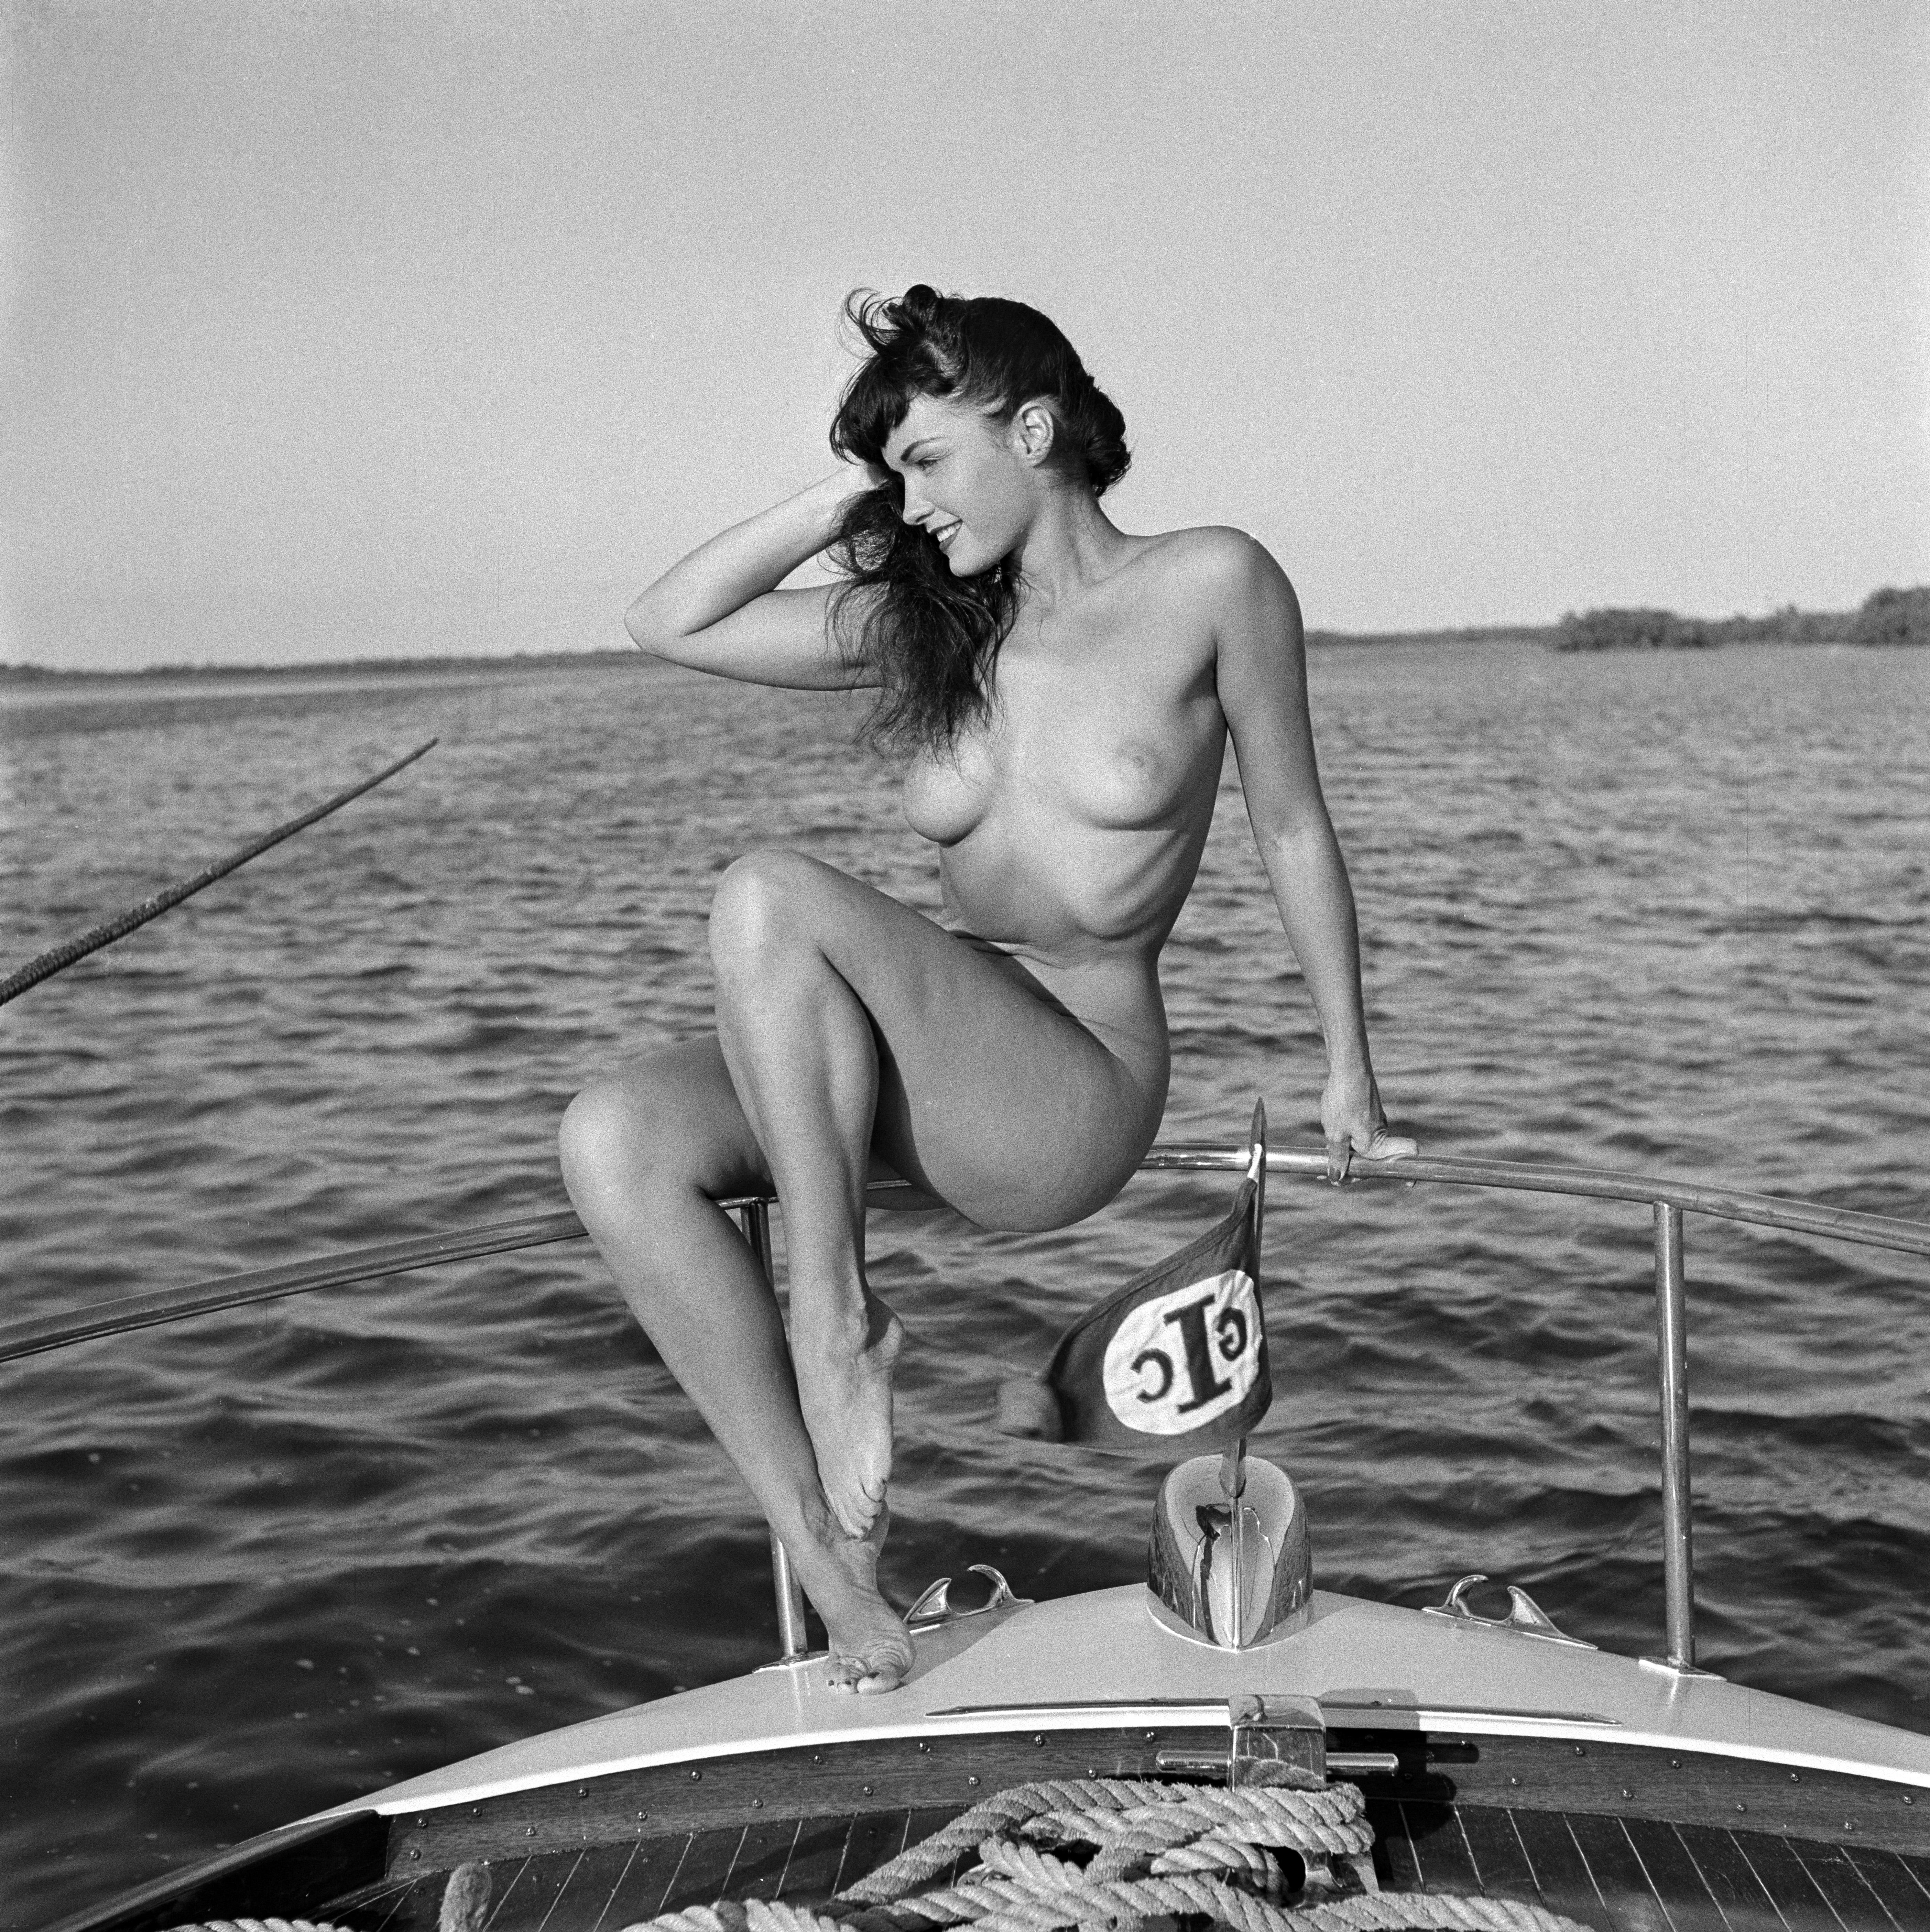 Kate beckinsale photos nude semi-nude